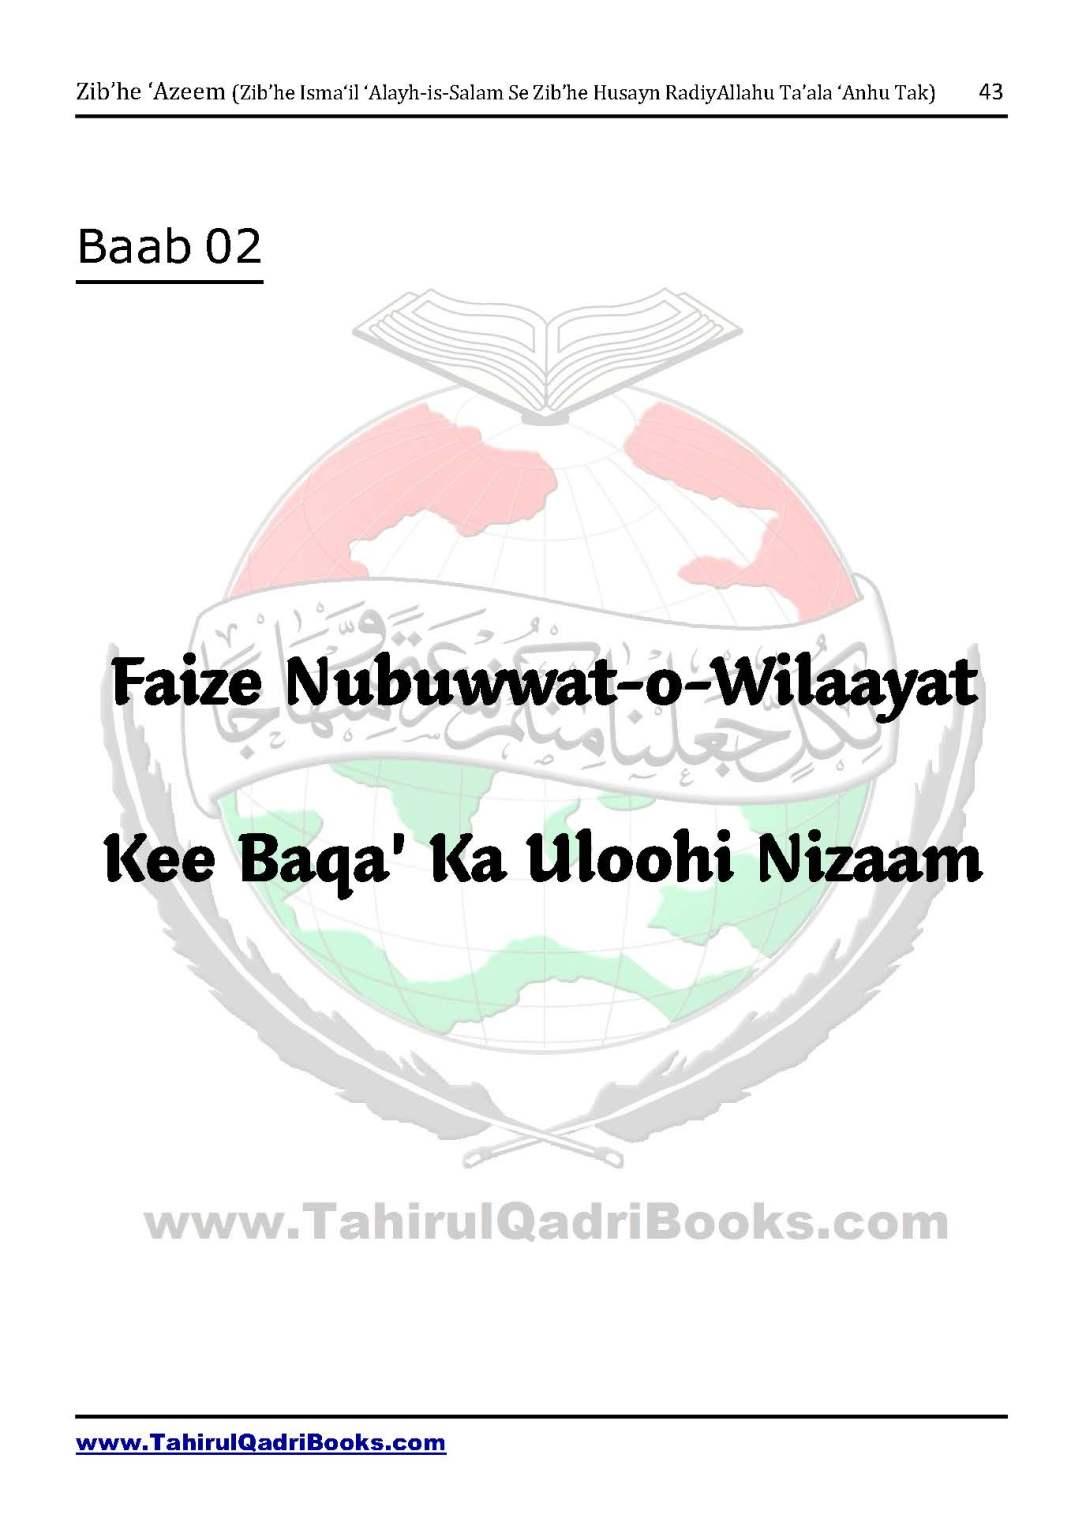 zib_he-e28098azeem-zib_he-ismacabbil-se-zib_he-husayn-tak-in-roman-urdu-unlocked_Page_043